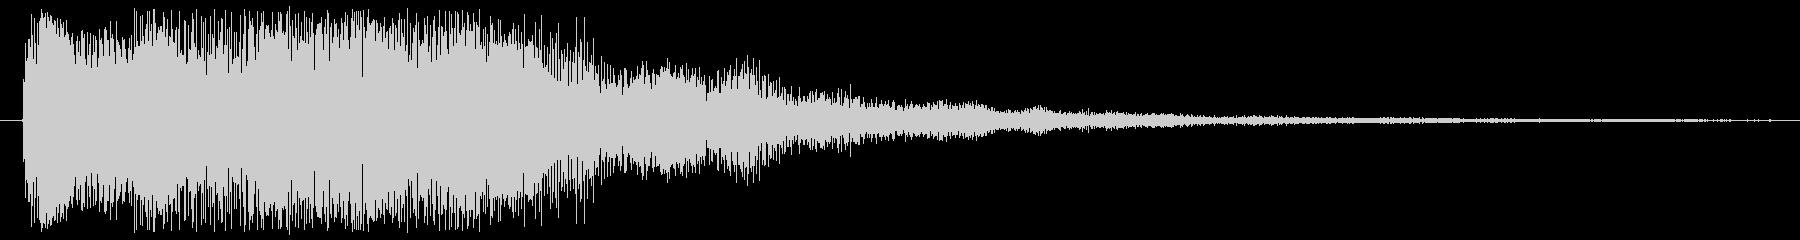 決定音やニュースに使える音の未再生の波形